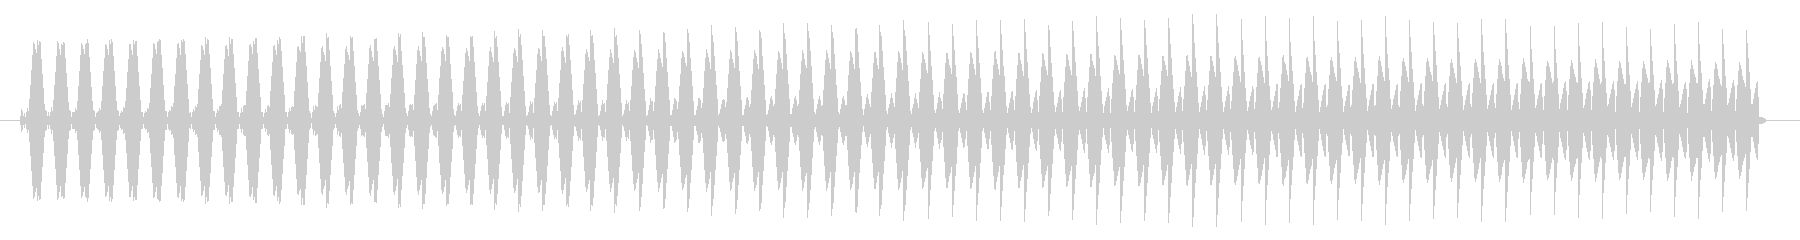 ヴゥー。クイズ不正解・ブザー音の未再生の波形